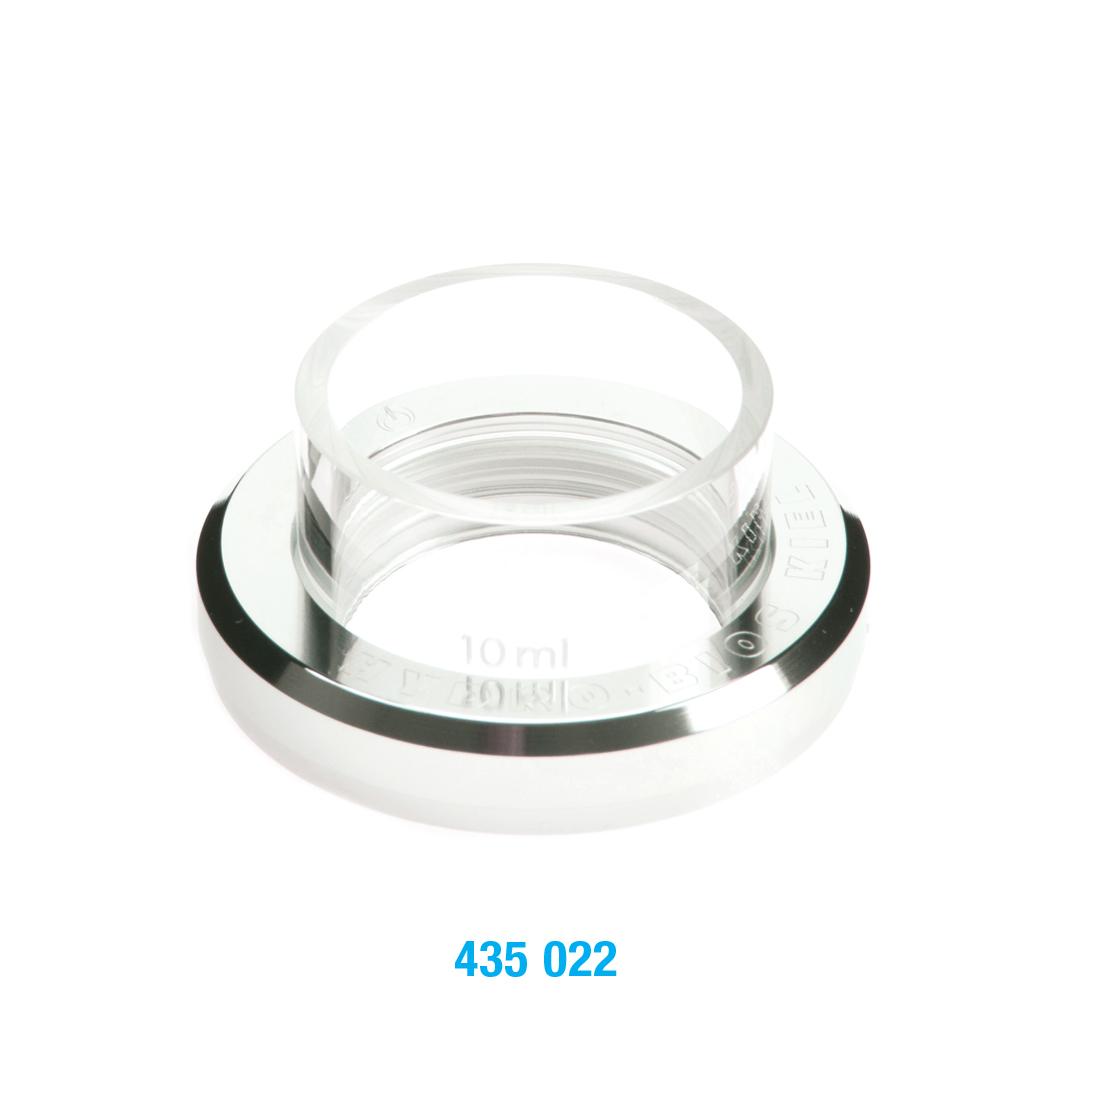 435022-tubular-plankton-chamber